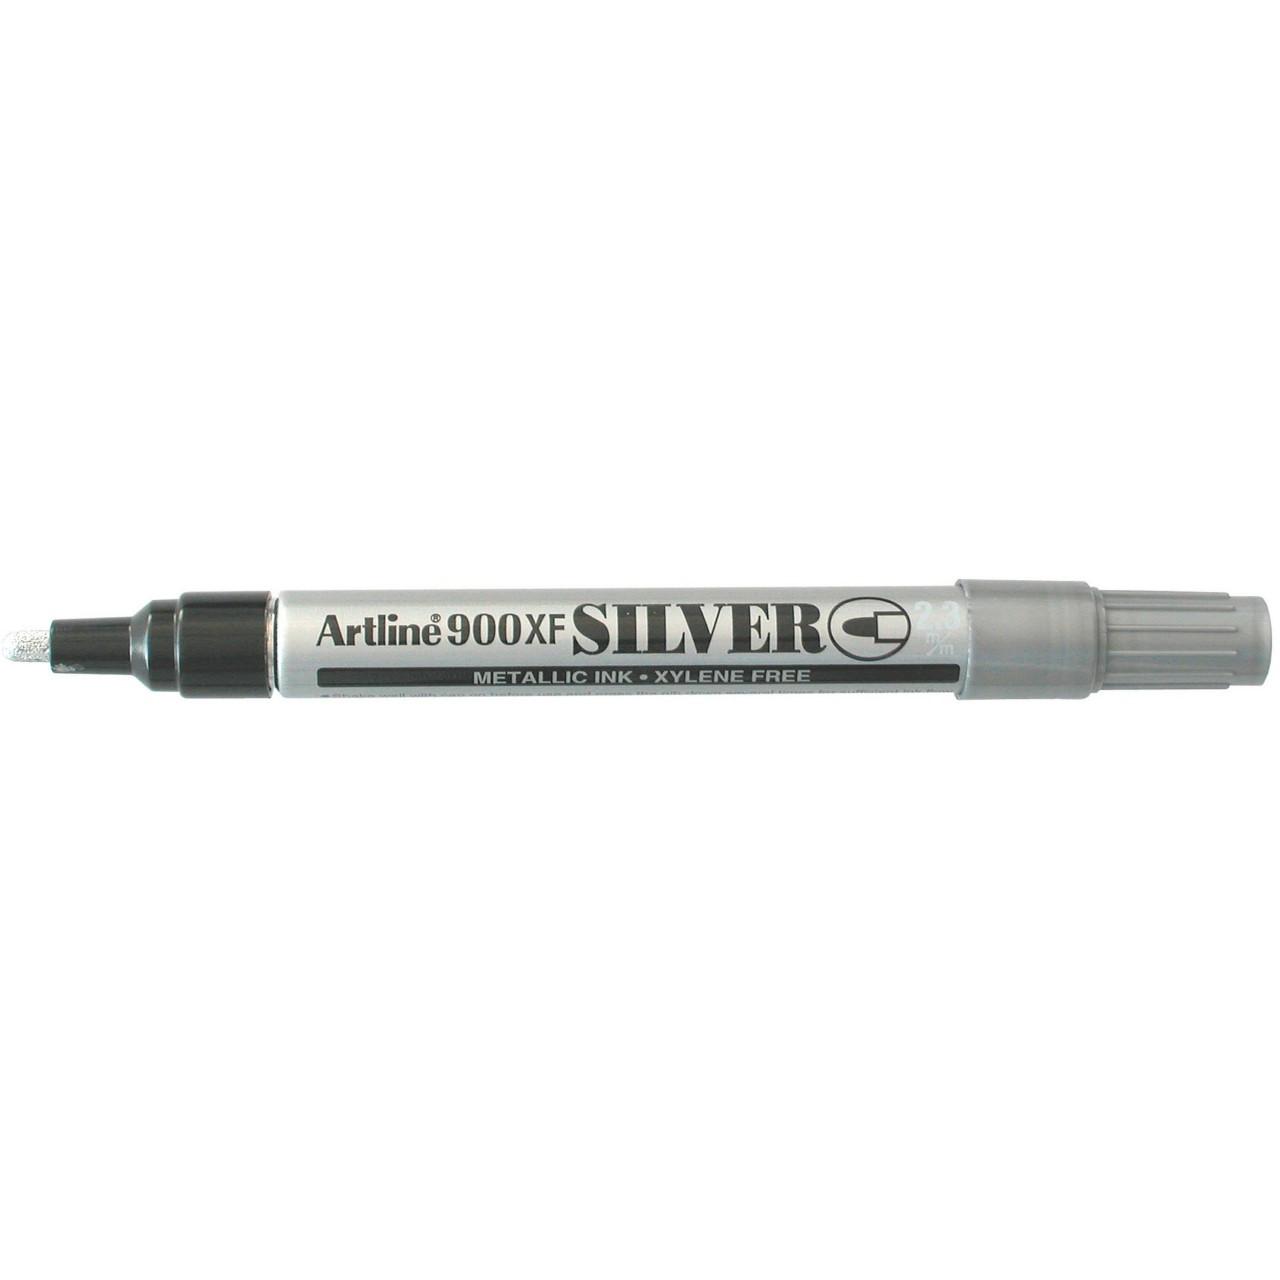 Artline 900 Metallic Marker Silver 2.3Mm Bullet Nib (Bx12)